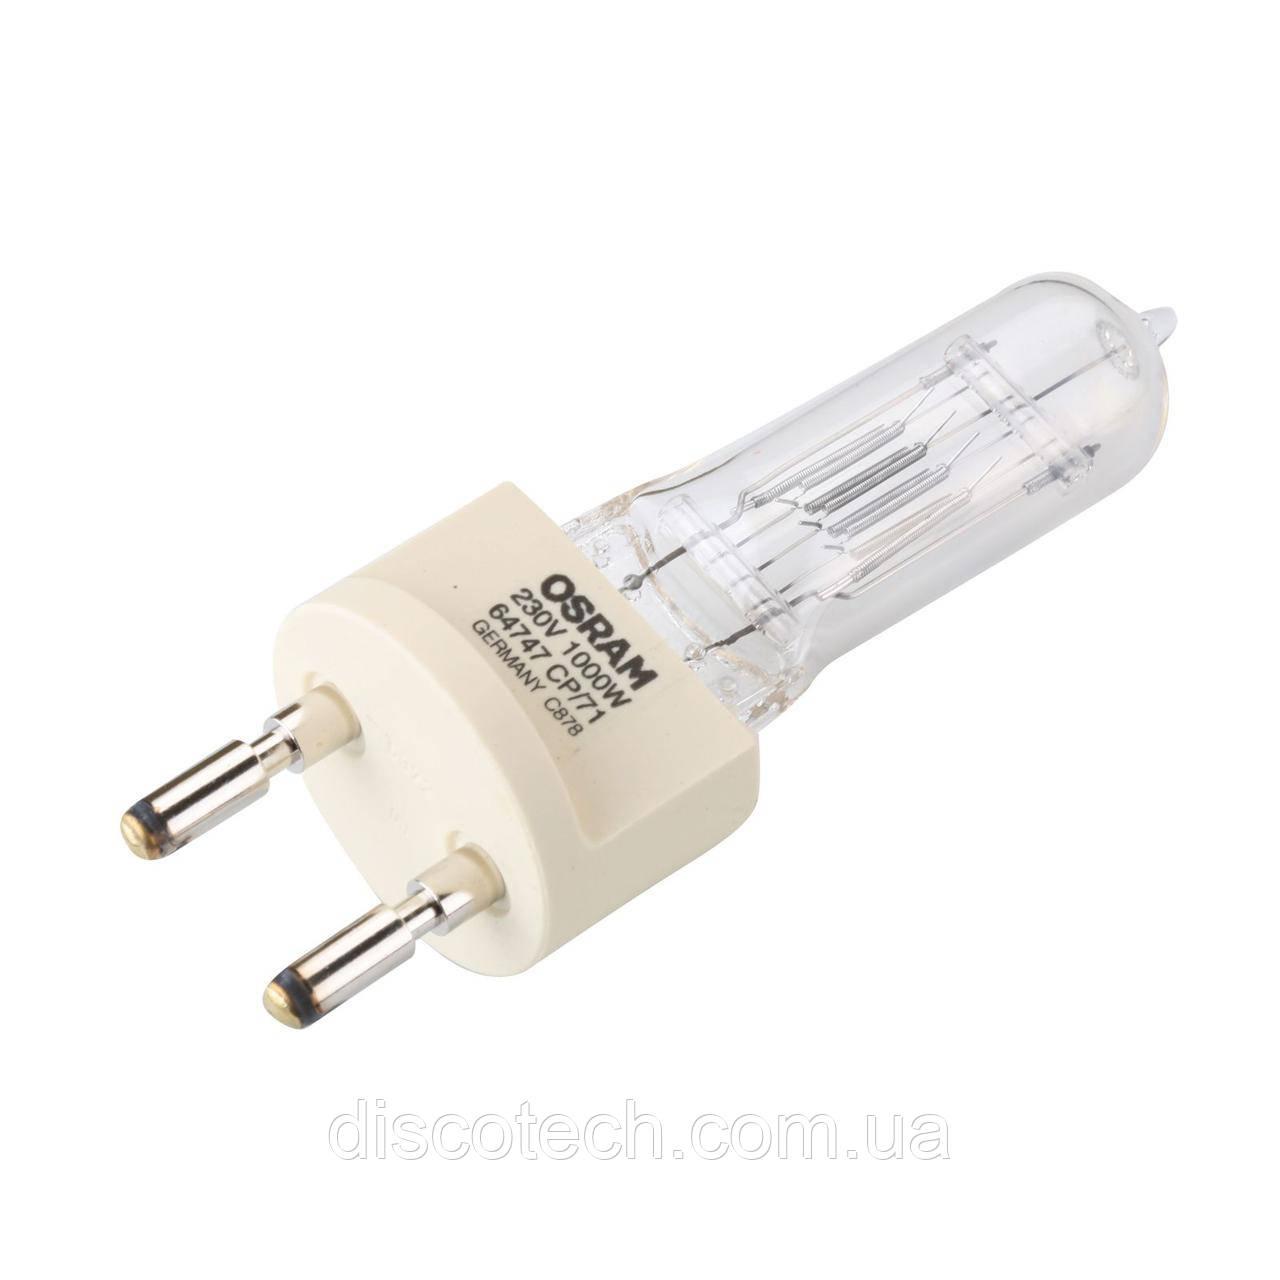 Лампа галогенная, 1000W/230V Osram 64747 CP/71